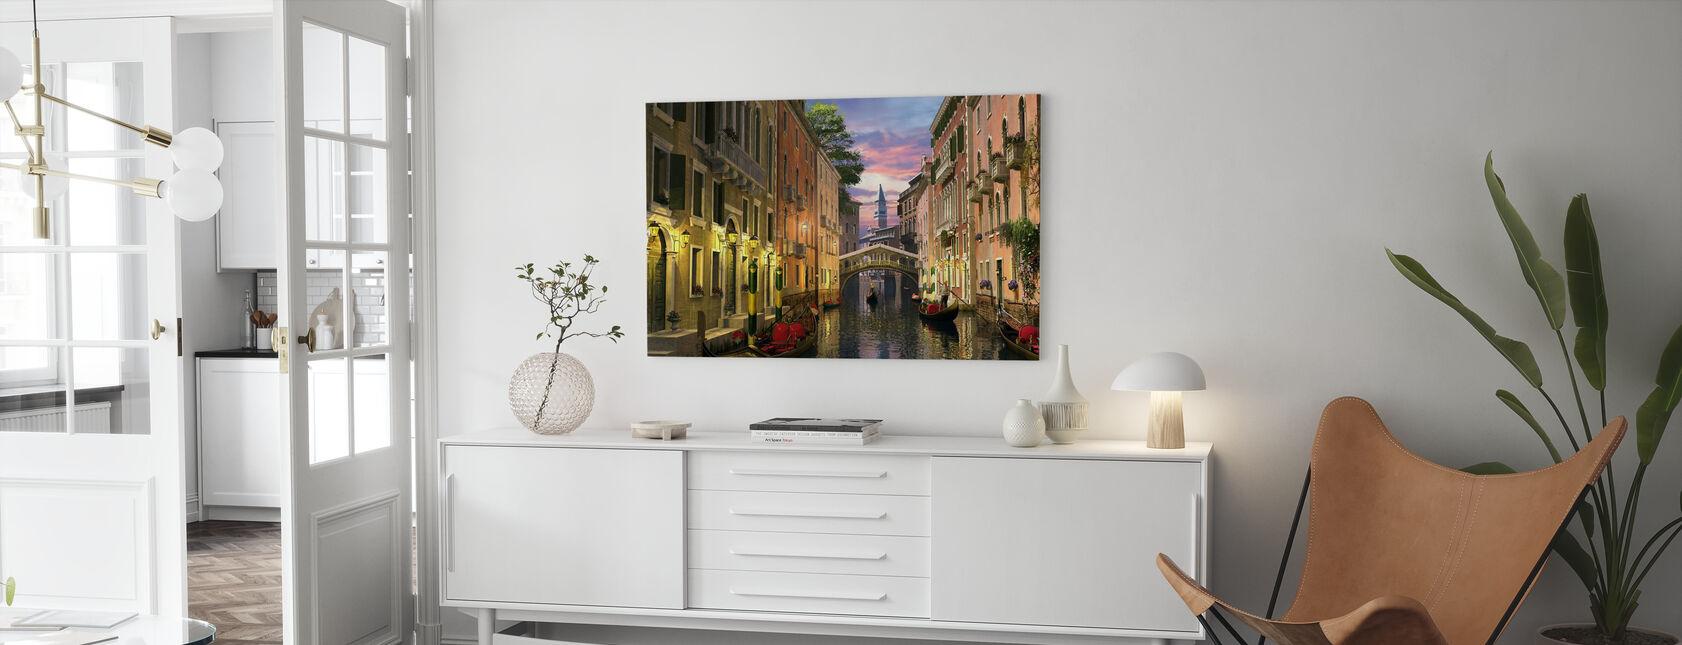 Venise au crépuscule - Impression sur toile - Salle à manger